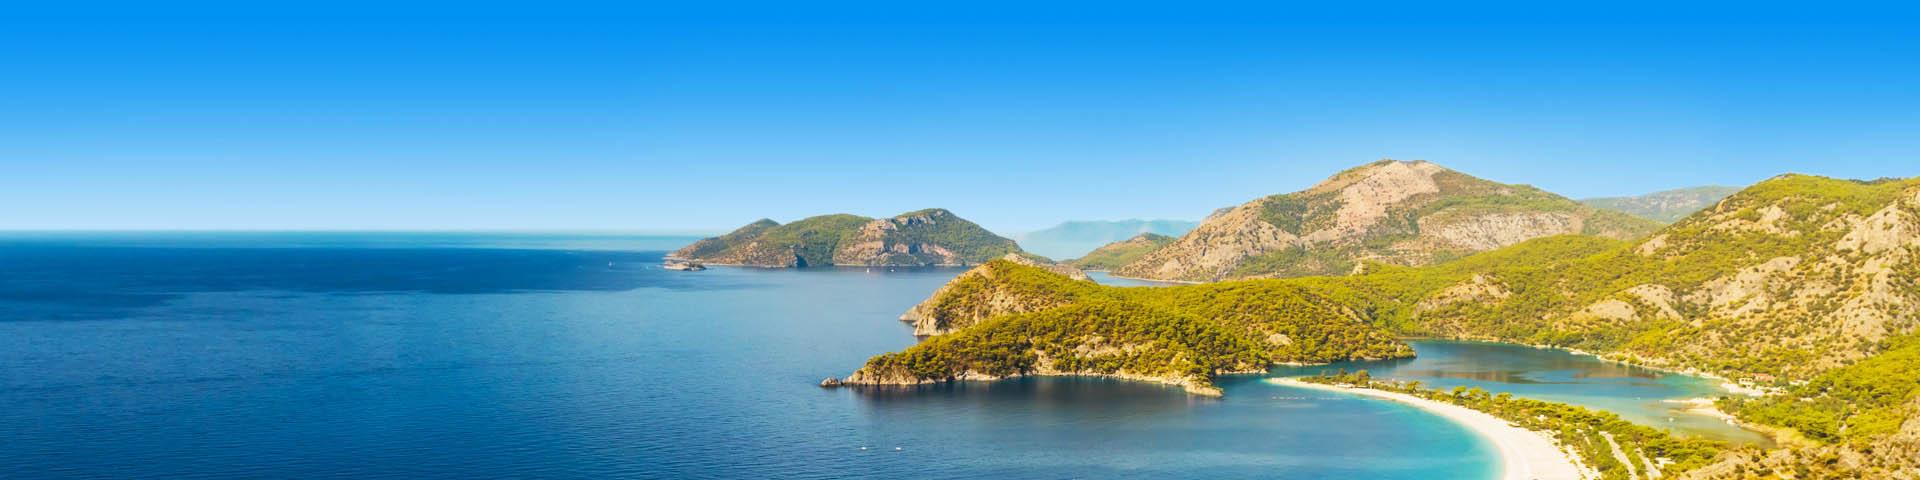 Kustlijn met zee en beboste bergen